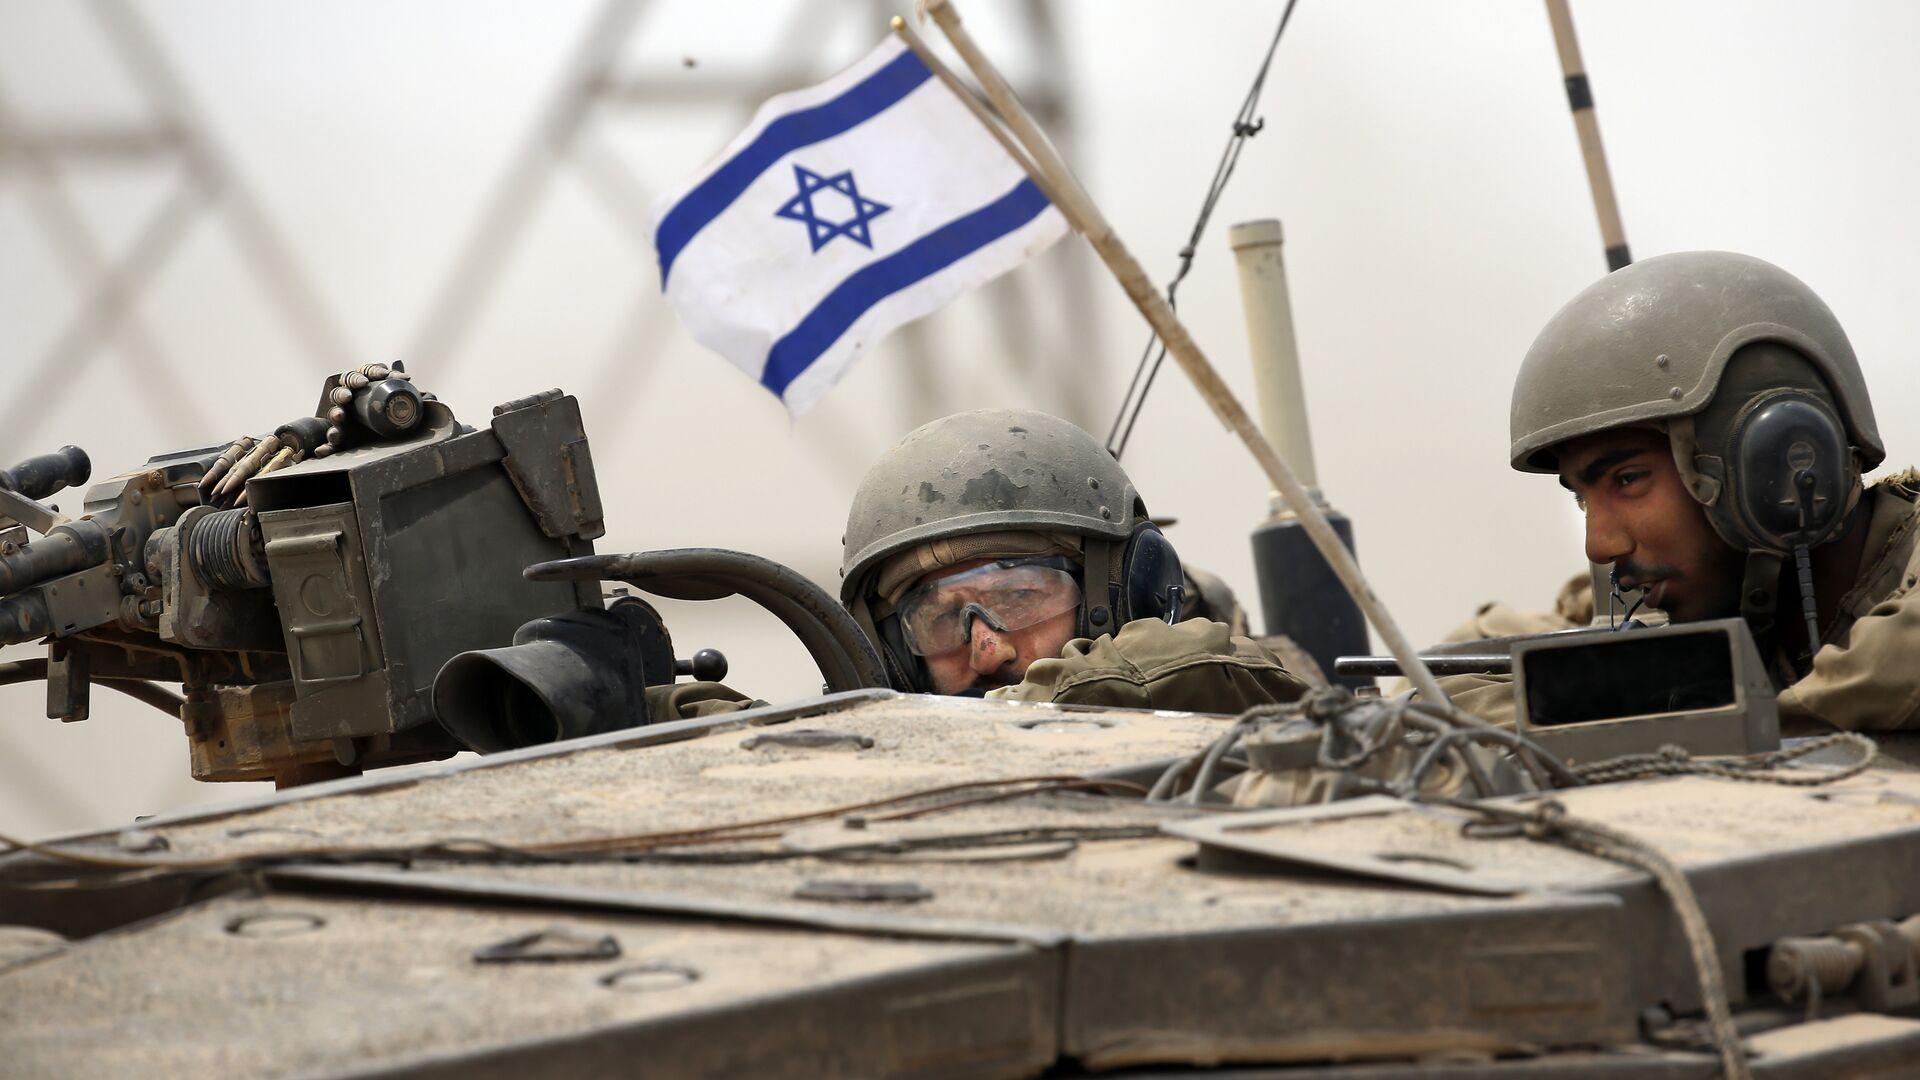 Soldados del Ejército israelí en un tanque Markava - Sputnik Mundo, 1920, 18.05.2021